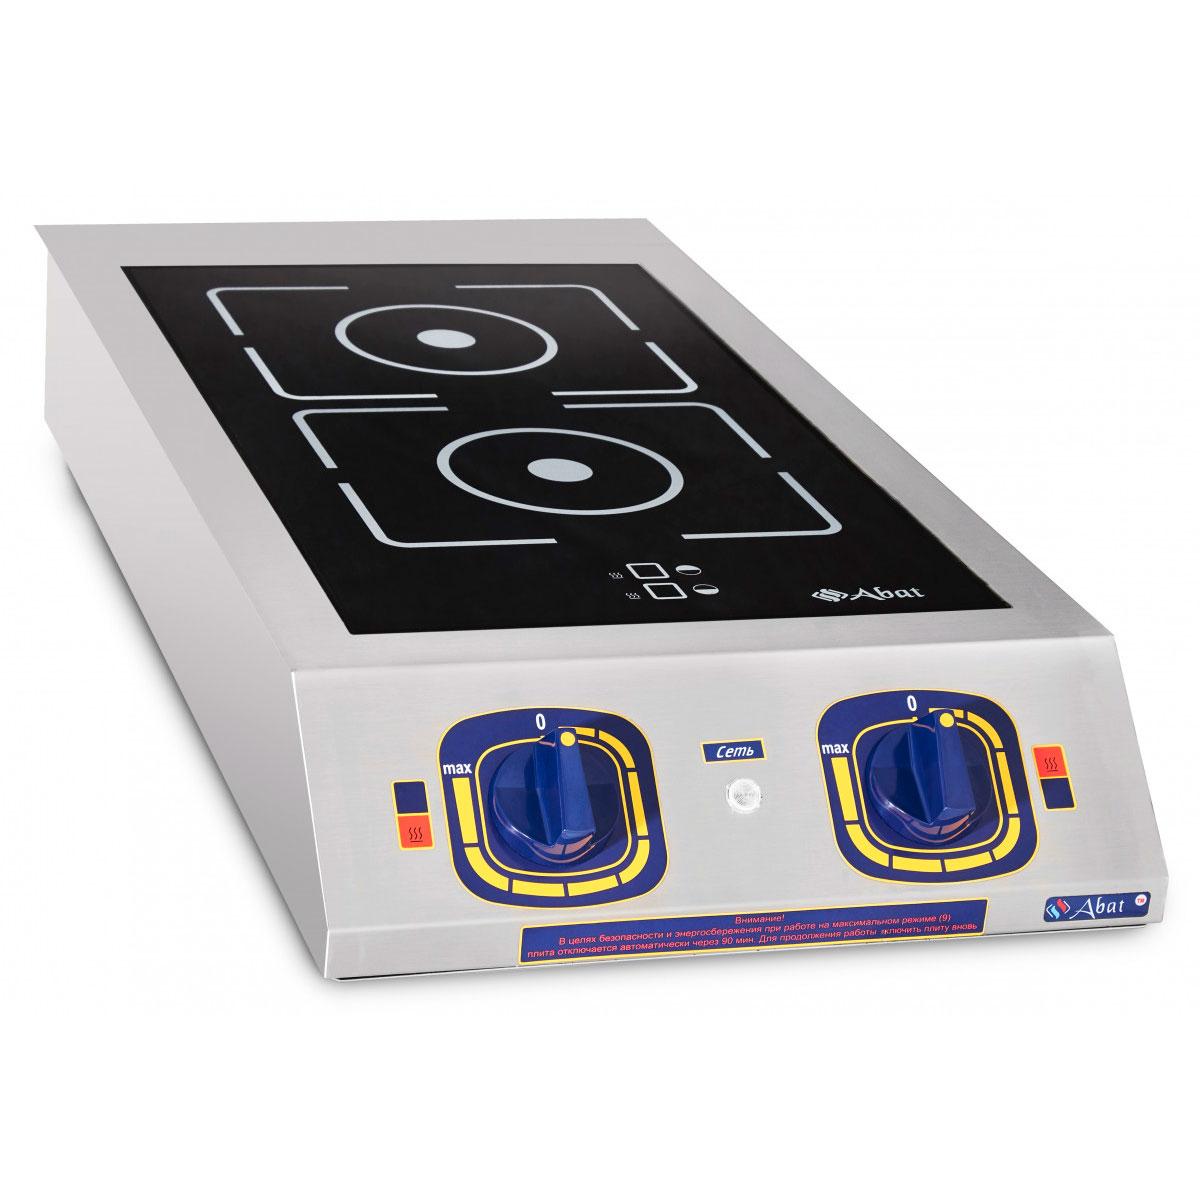 Новинка: компактное решение - настольная индукционная плита КИП-2Н торговой марки «Abat»